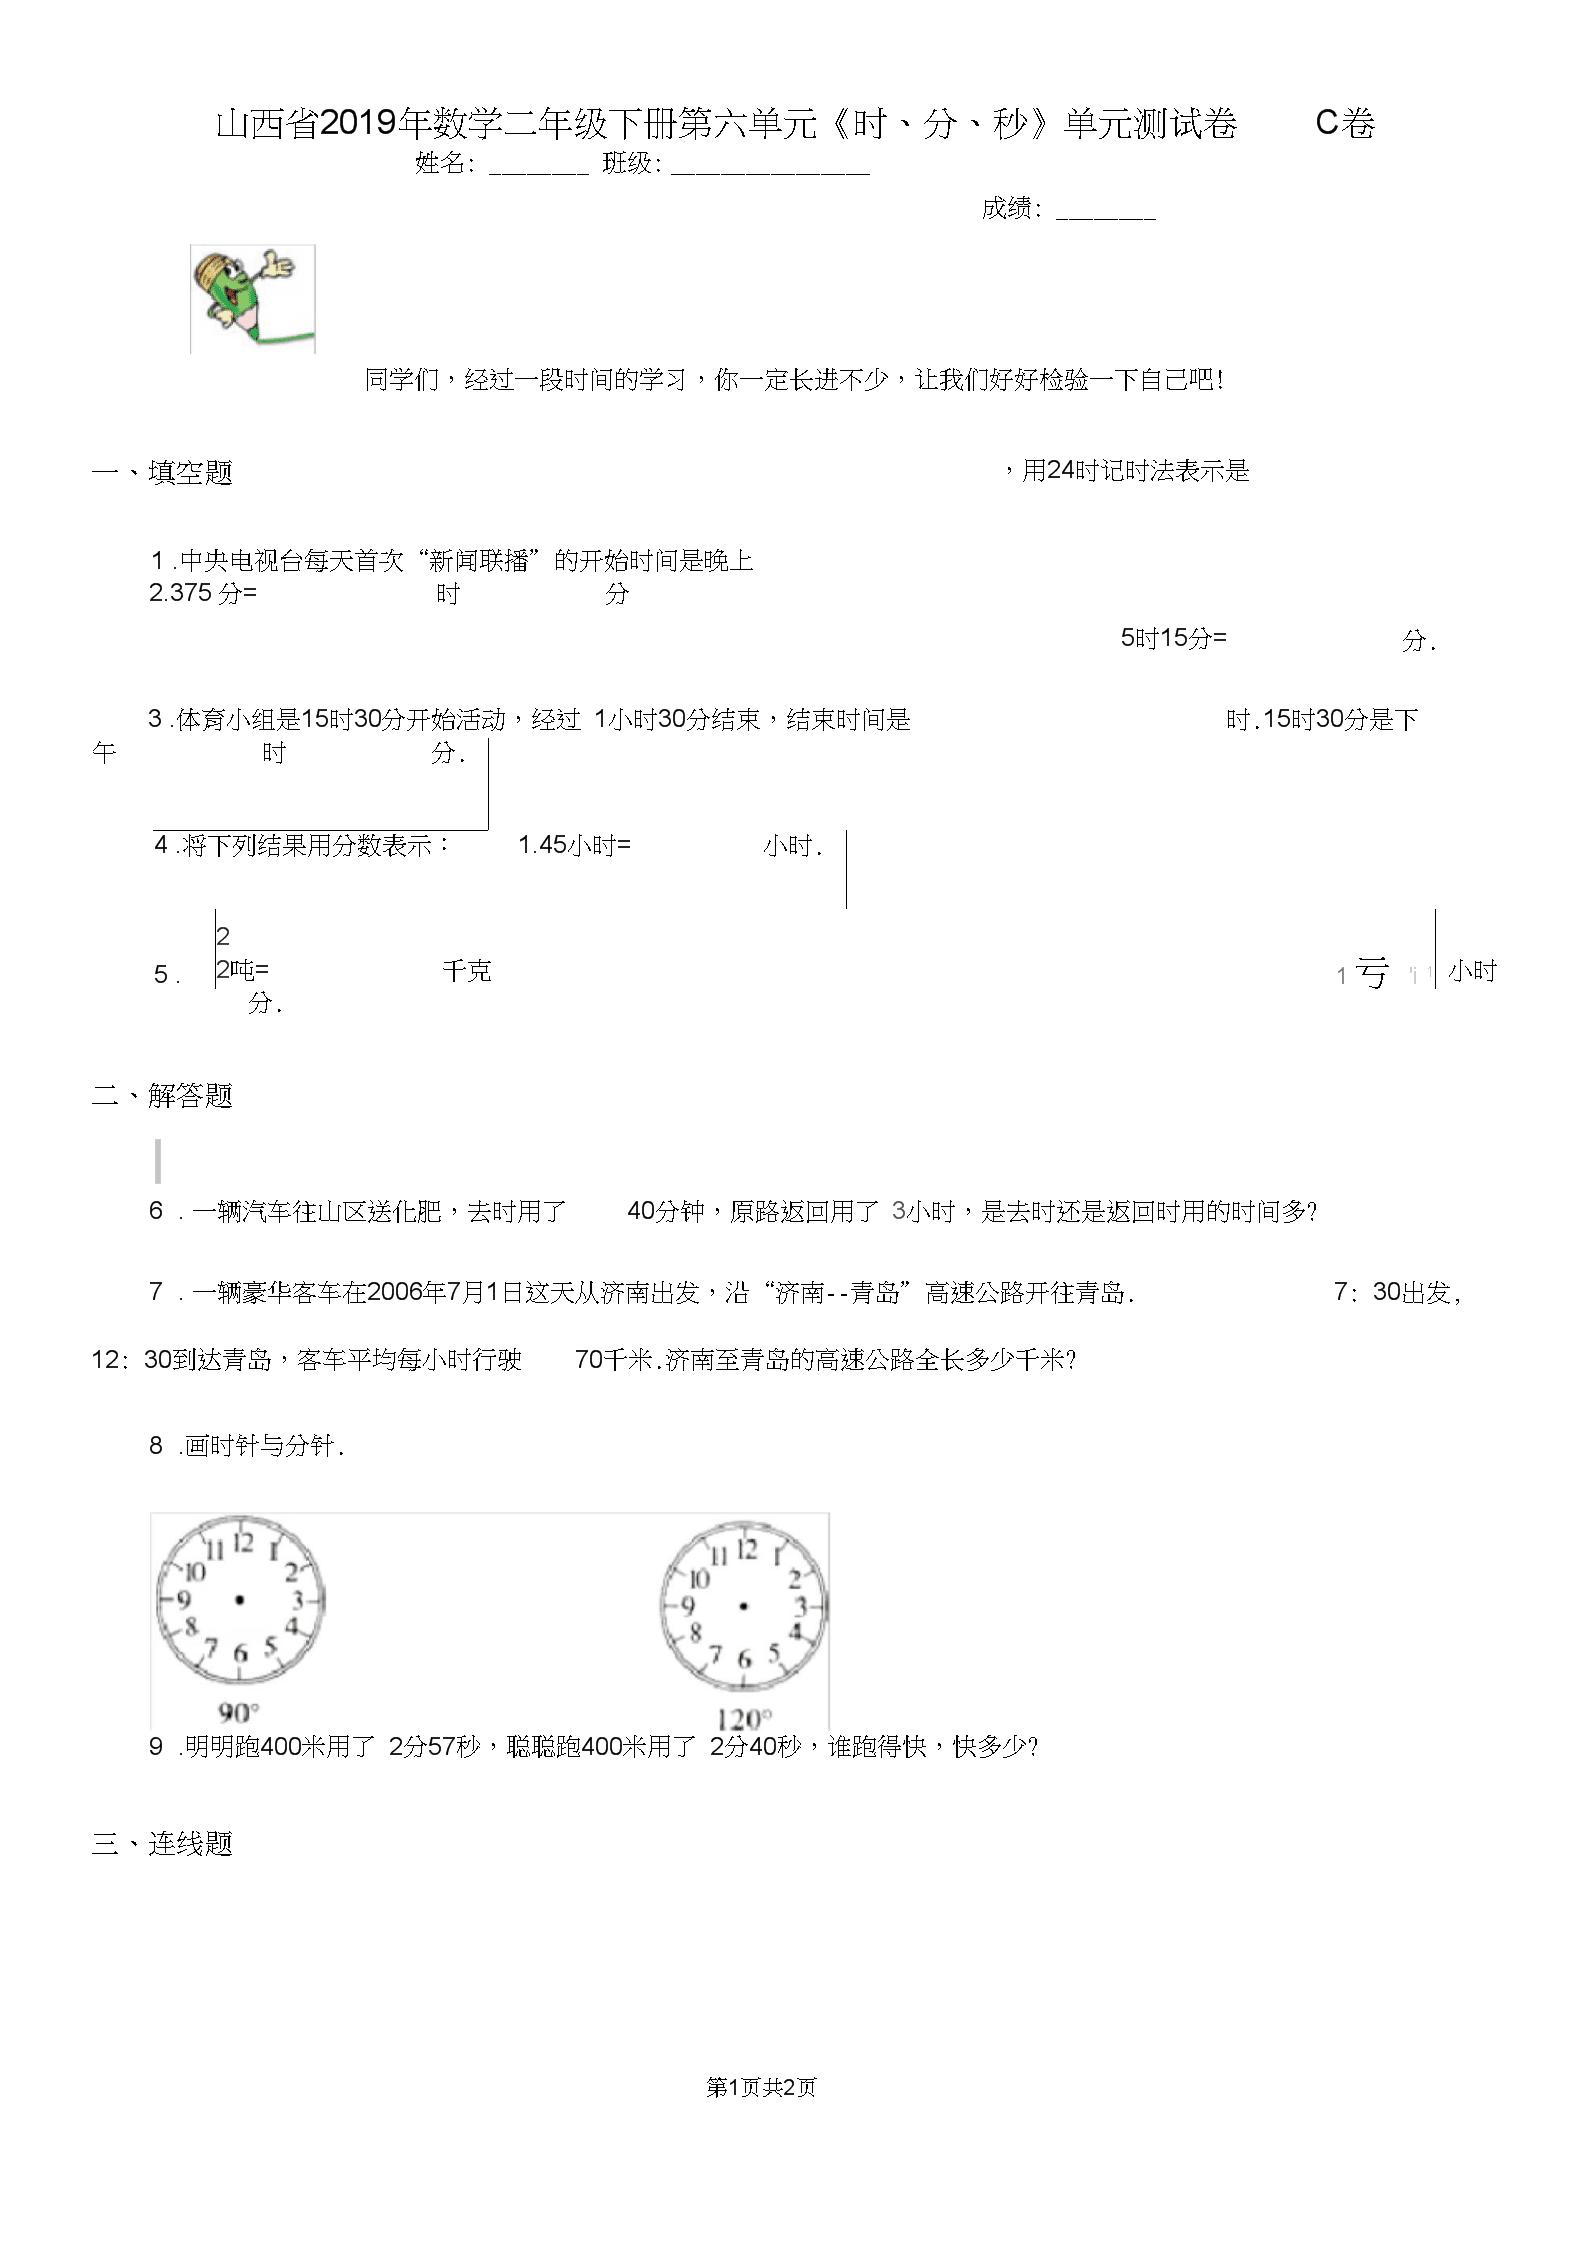 山西省2019年数学二年级下册第六单元《时、分、秒》单元测试卷C卷.docx